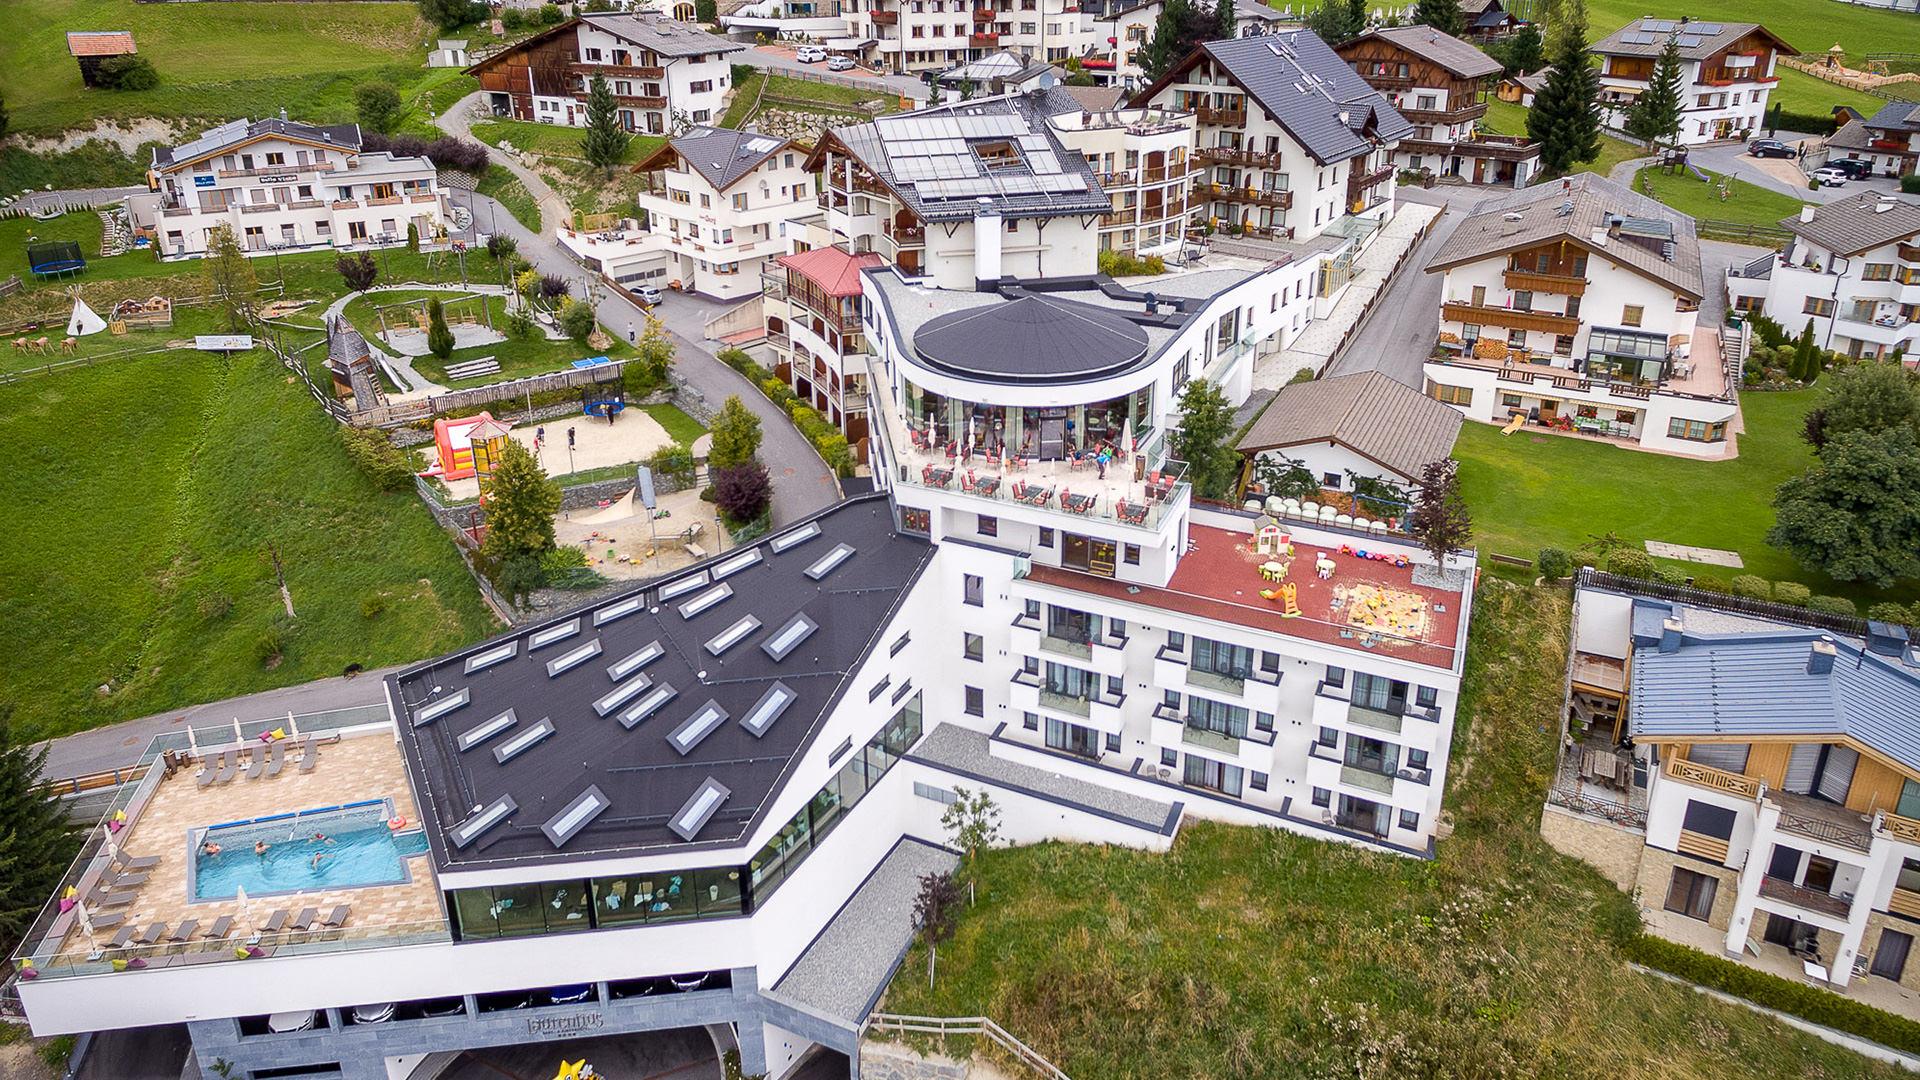 Kinderhotel-Laurentius-Aussenansicht.jpg